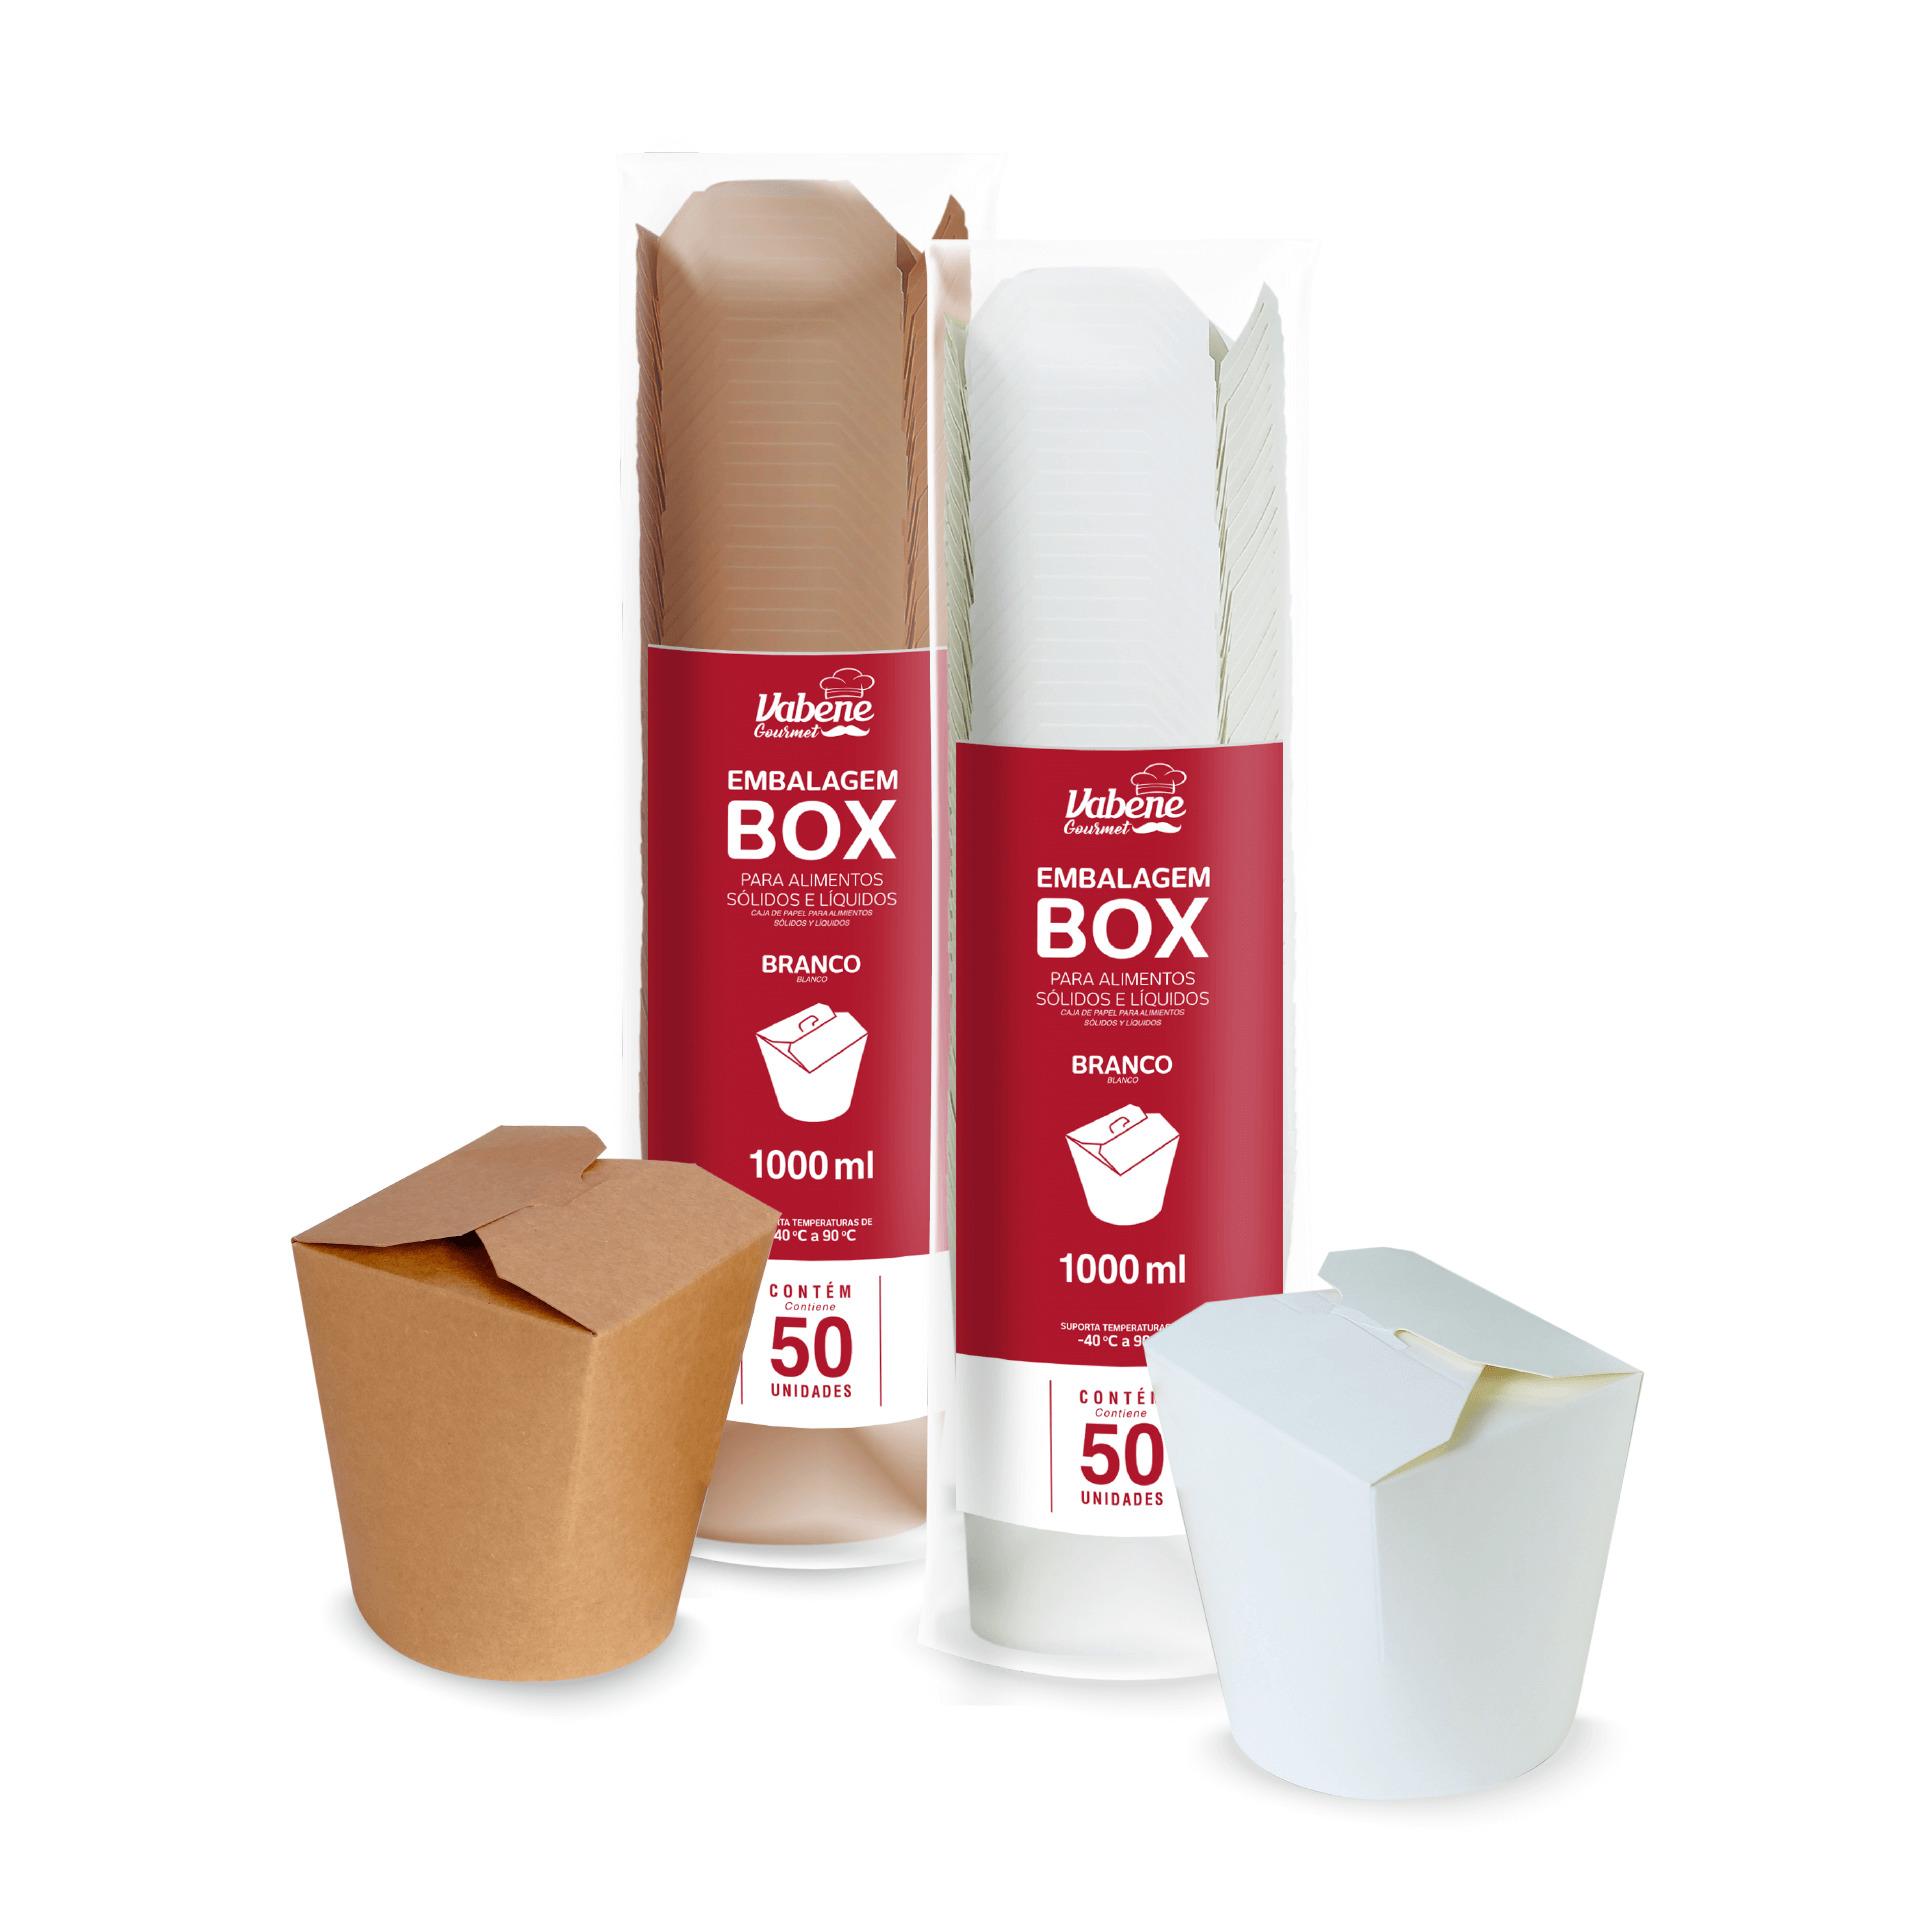 Embalagem-box-delivery-Vabene